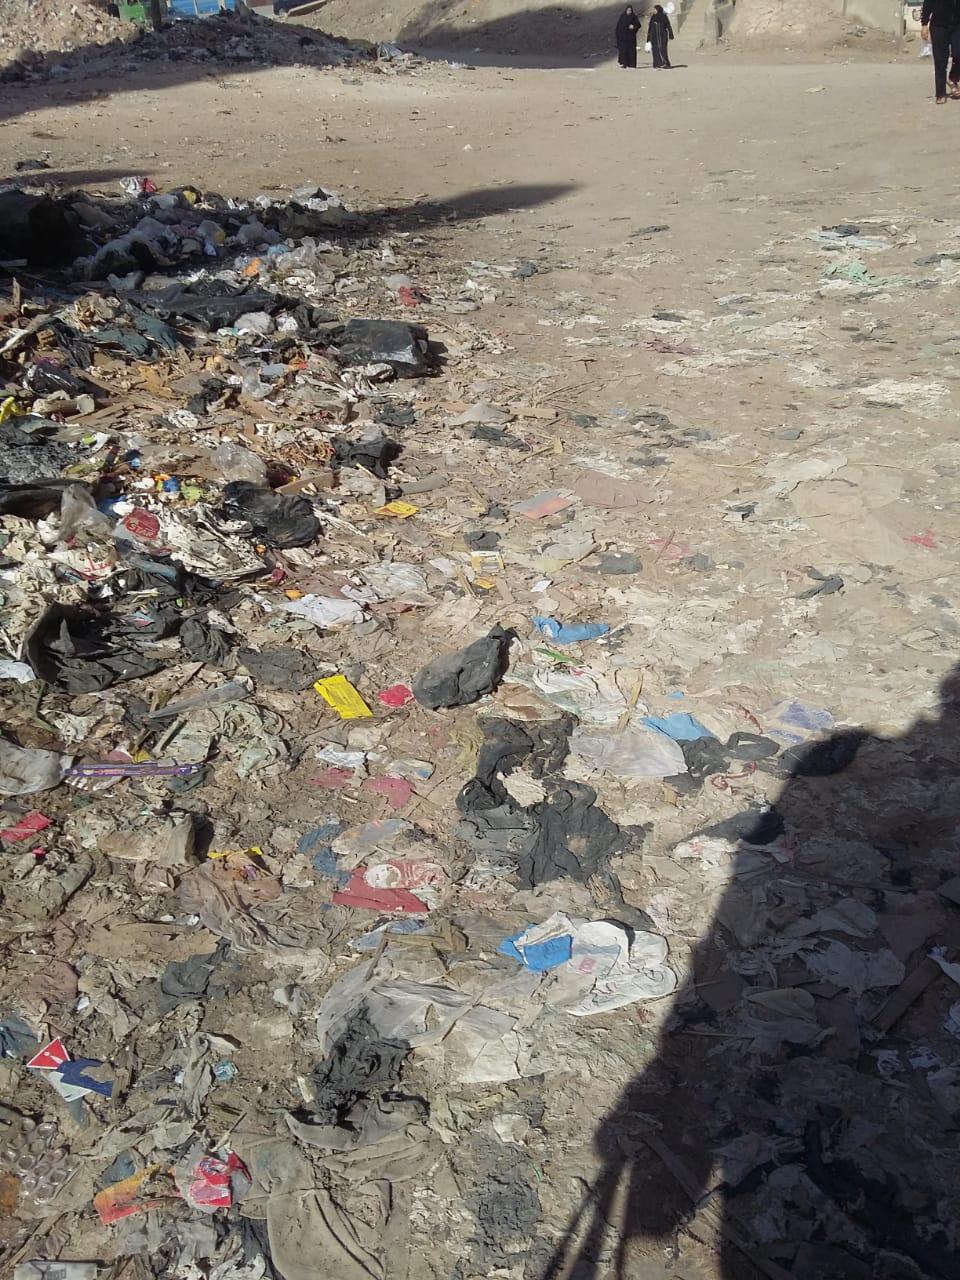 تراكم القمامة بمحيط بنزينة توتال دائرى المرج ينذر بكارثة   (3)